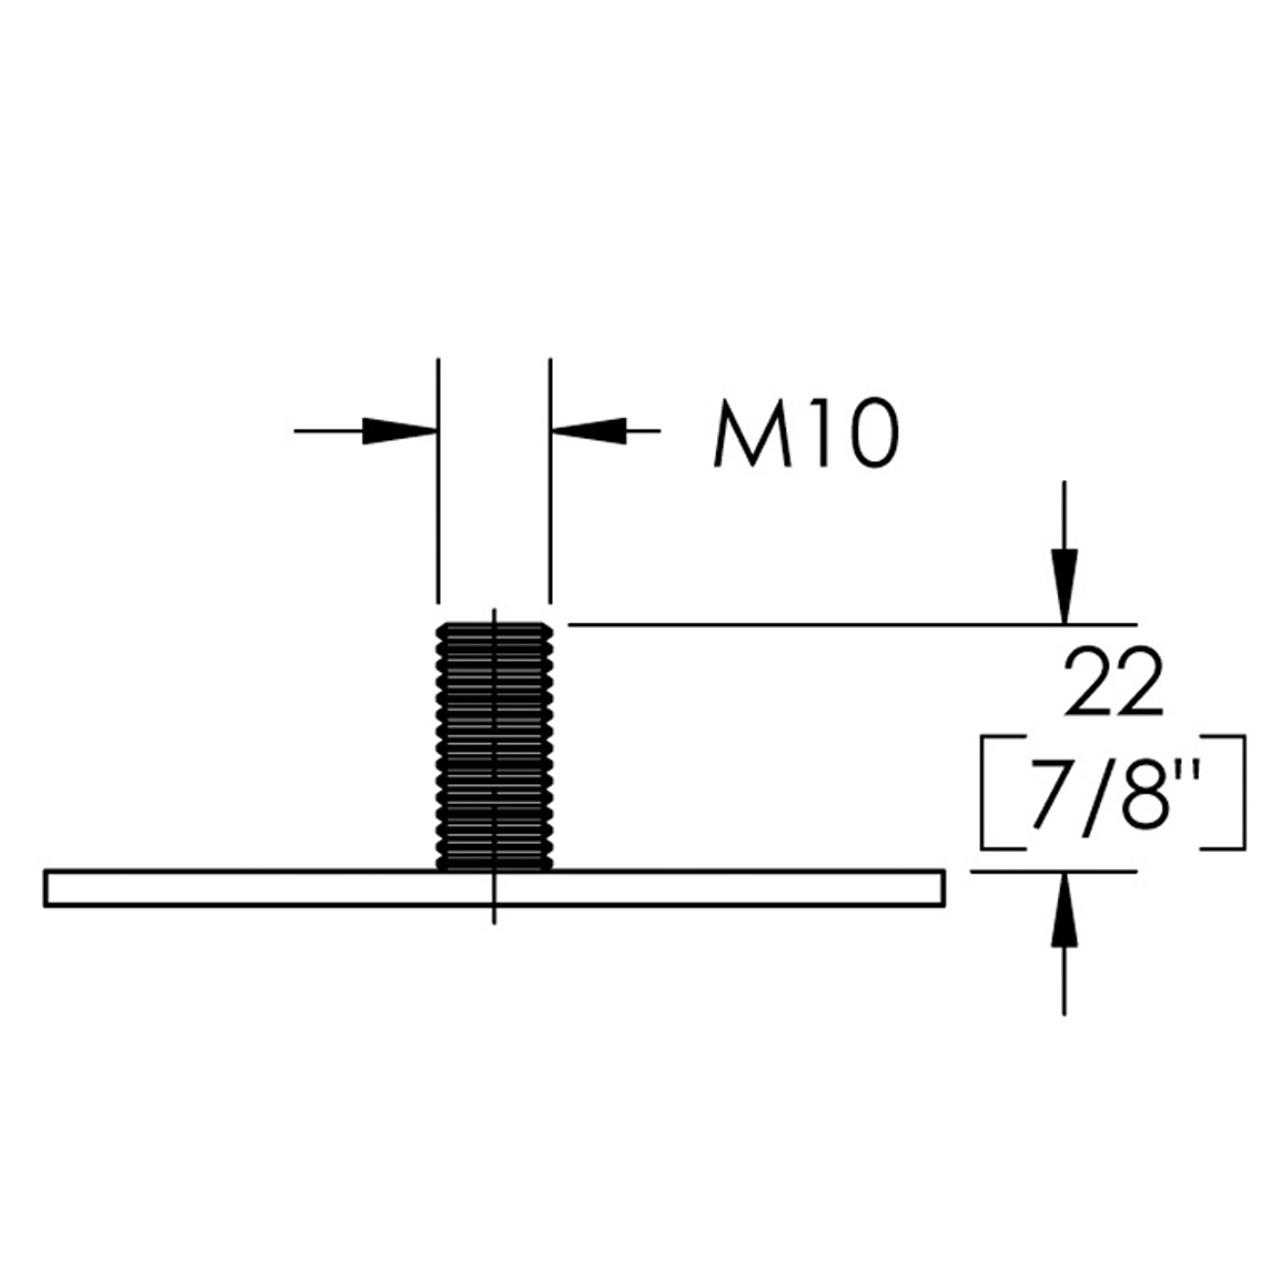 Diagram - Como Leg mounting bracket with M10 thread